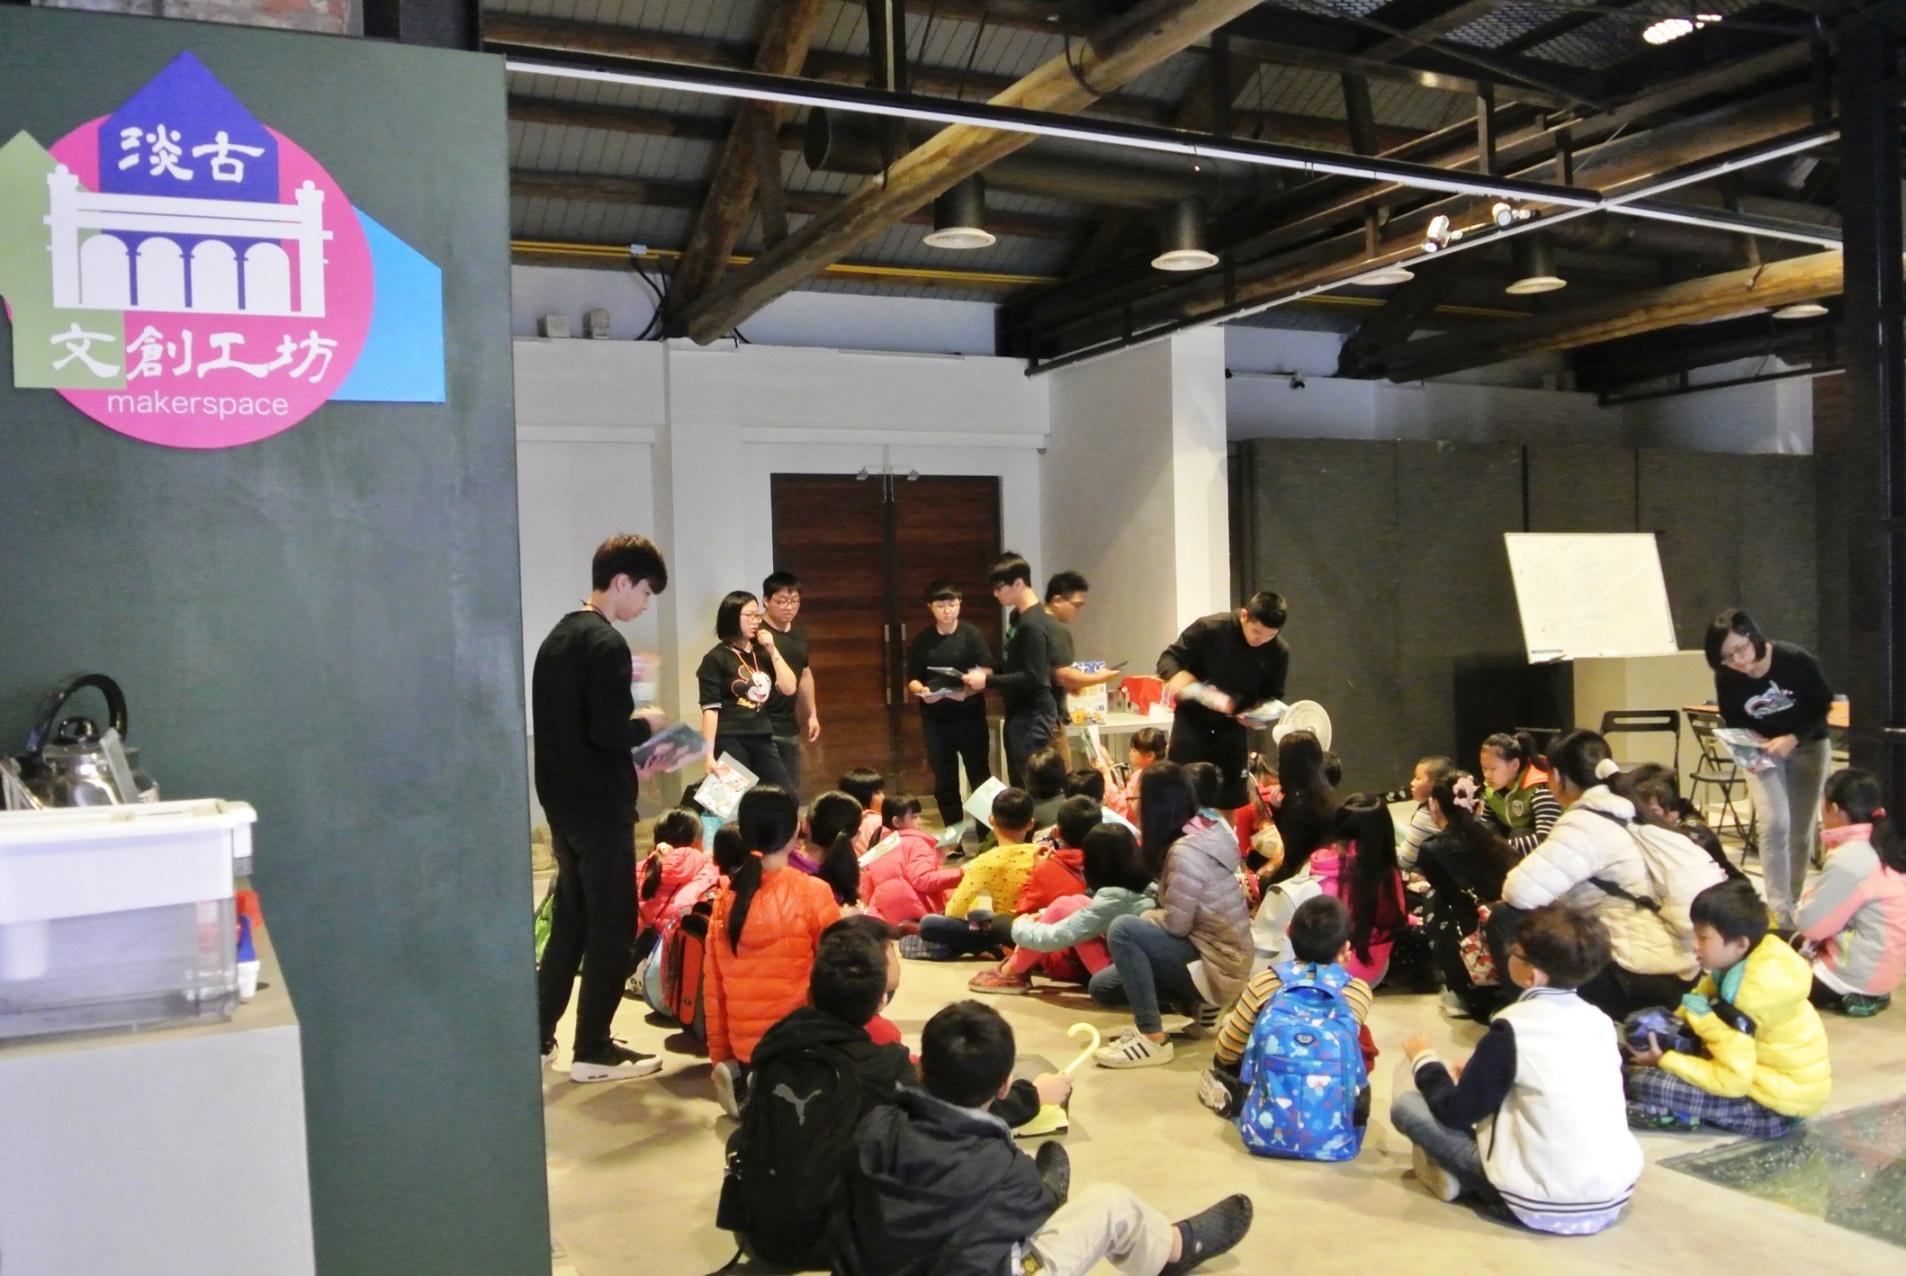 11月18日淡水古蹟夜未眠與淡古文創工坊創客合作,提供孩子體驗3D列印的學習機會。